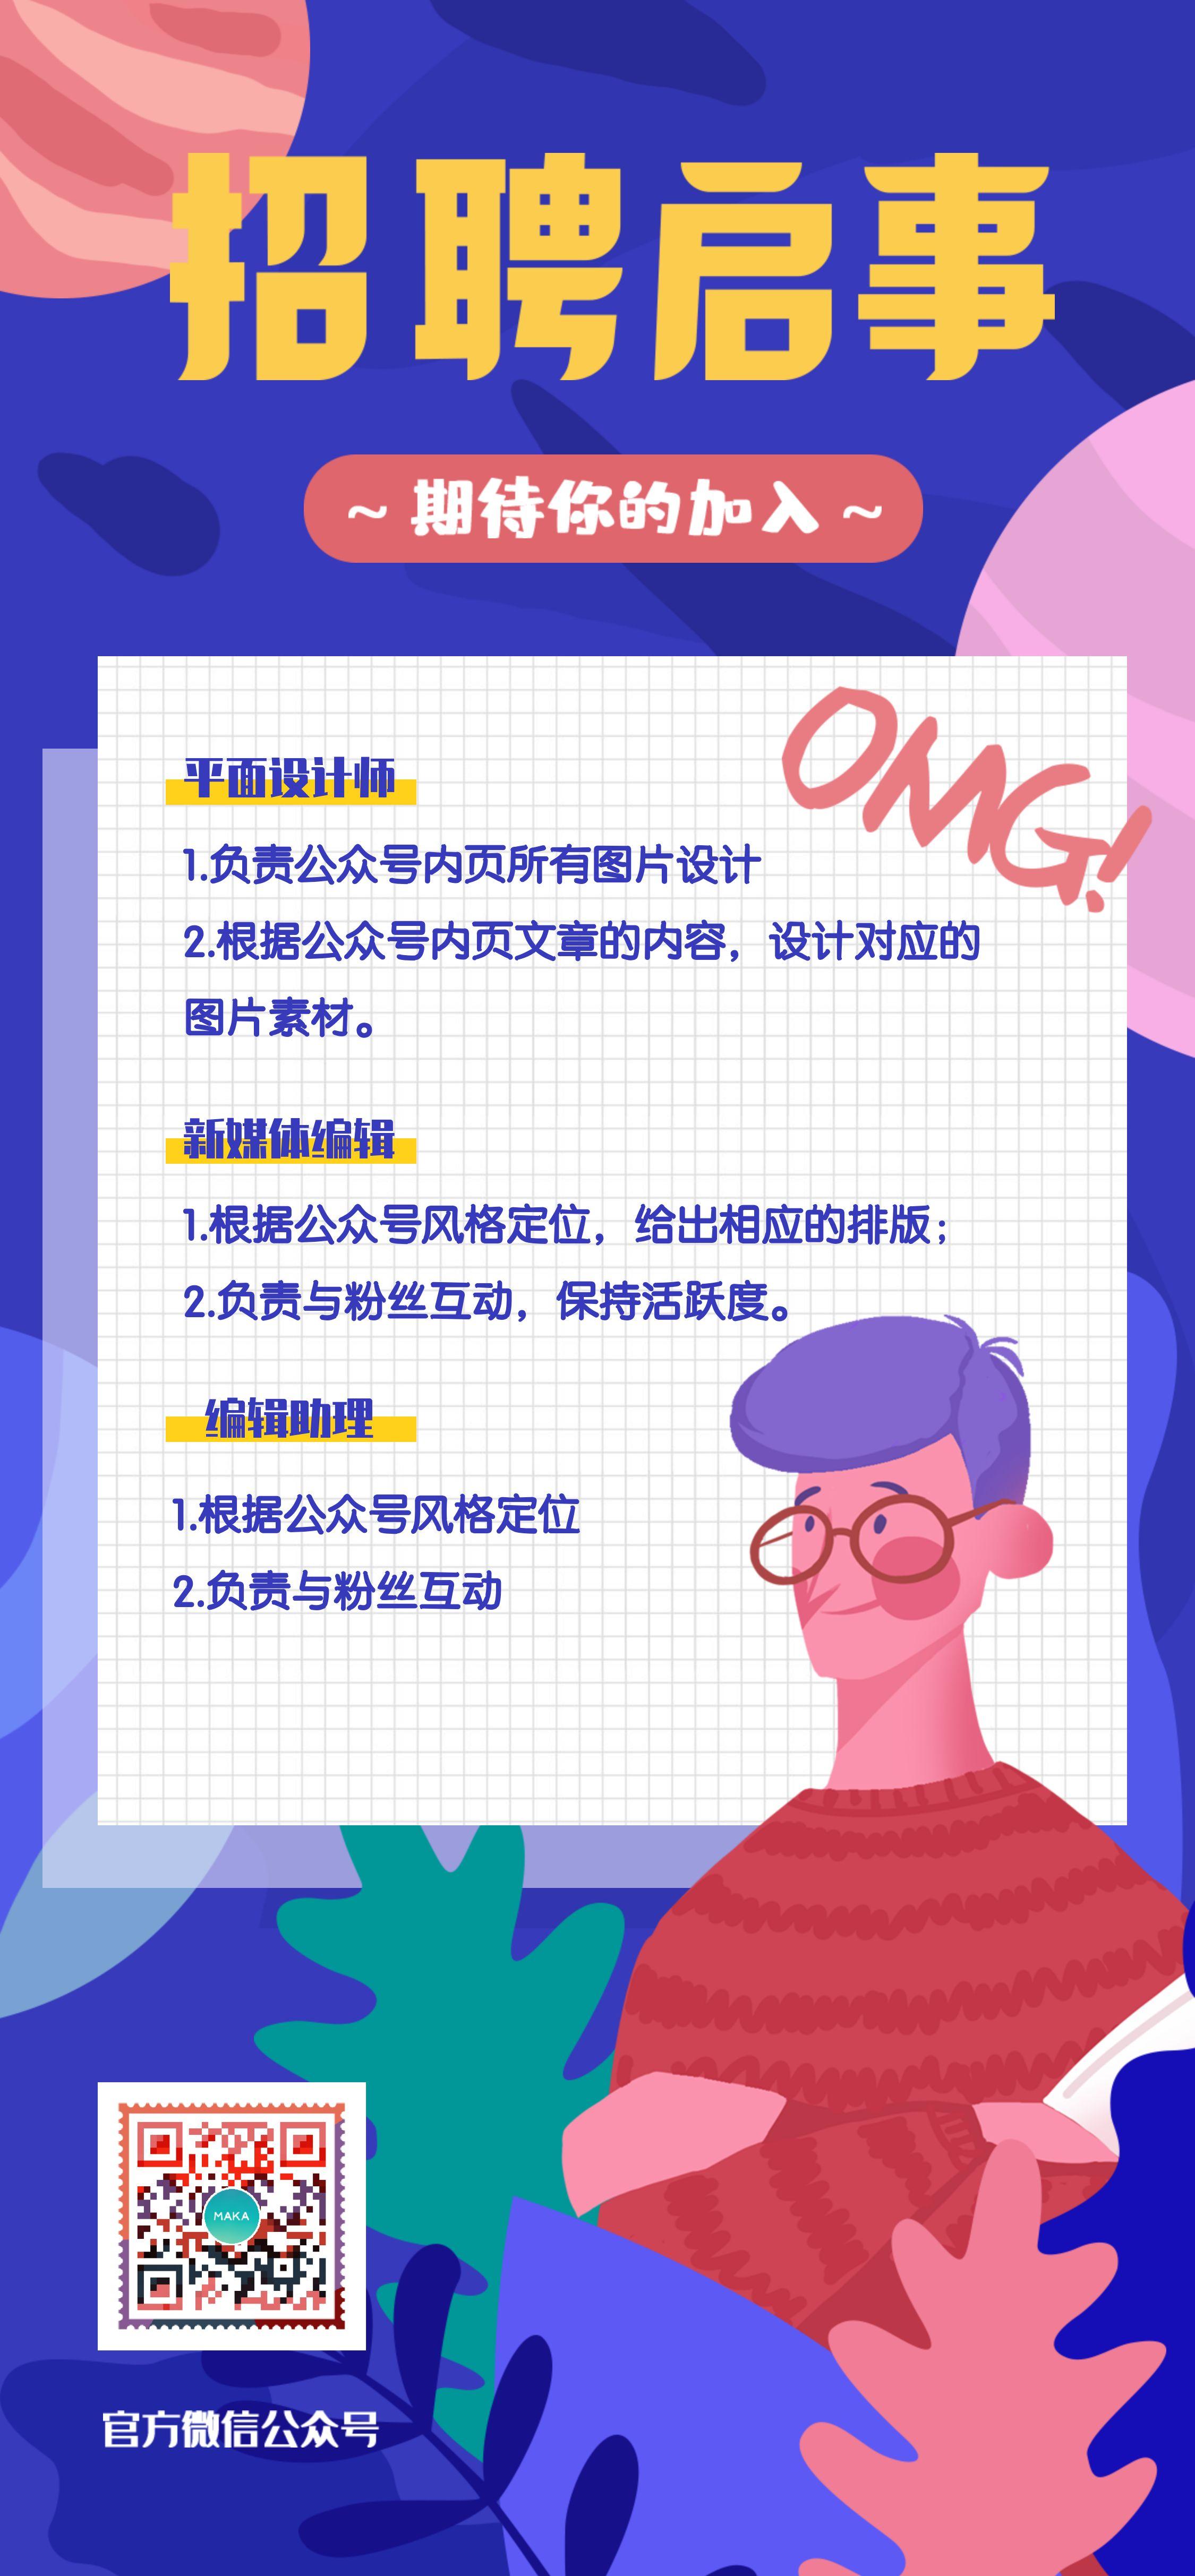 招聘启事春季招聘手绘插画卡通蓝紫色手机海报